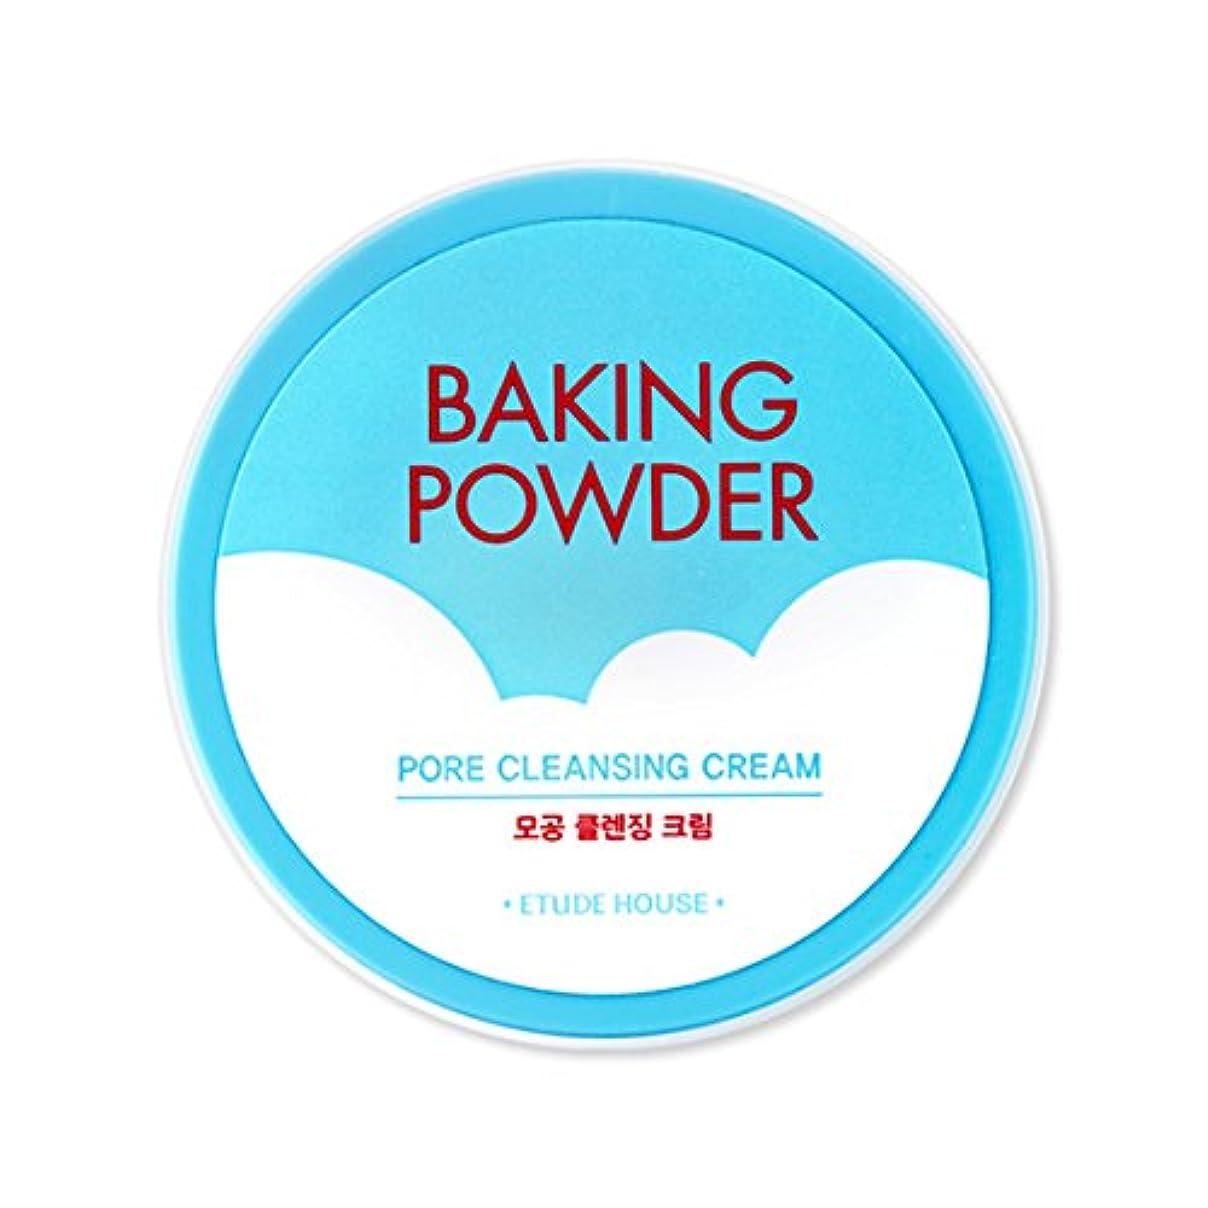 生活禁じる徹底[2016 Upgrade!] ETUDE HOUSE Baking Powder Pore Cleansing Cream 180ml/エチュードハウス ベーキング パウダー ポア クレンジング クリーム 180ml...